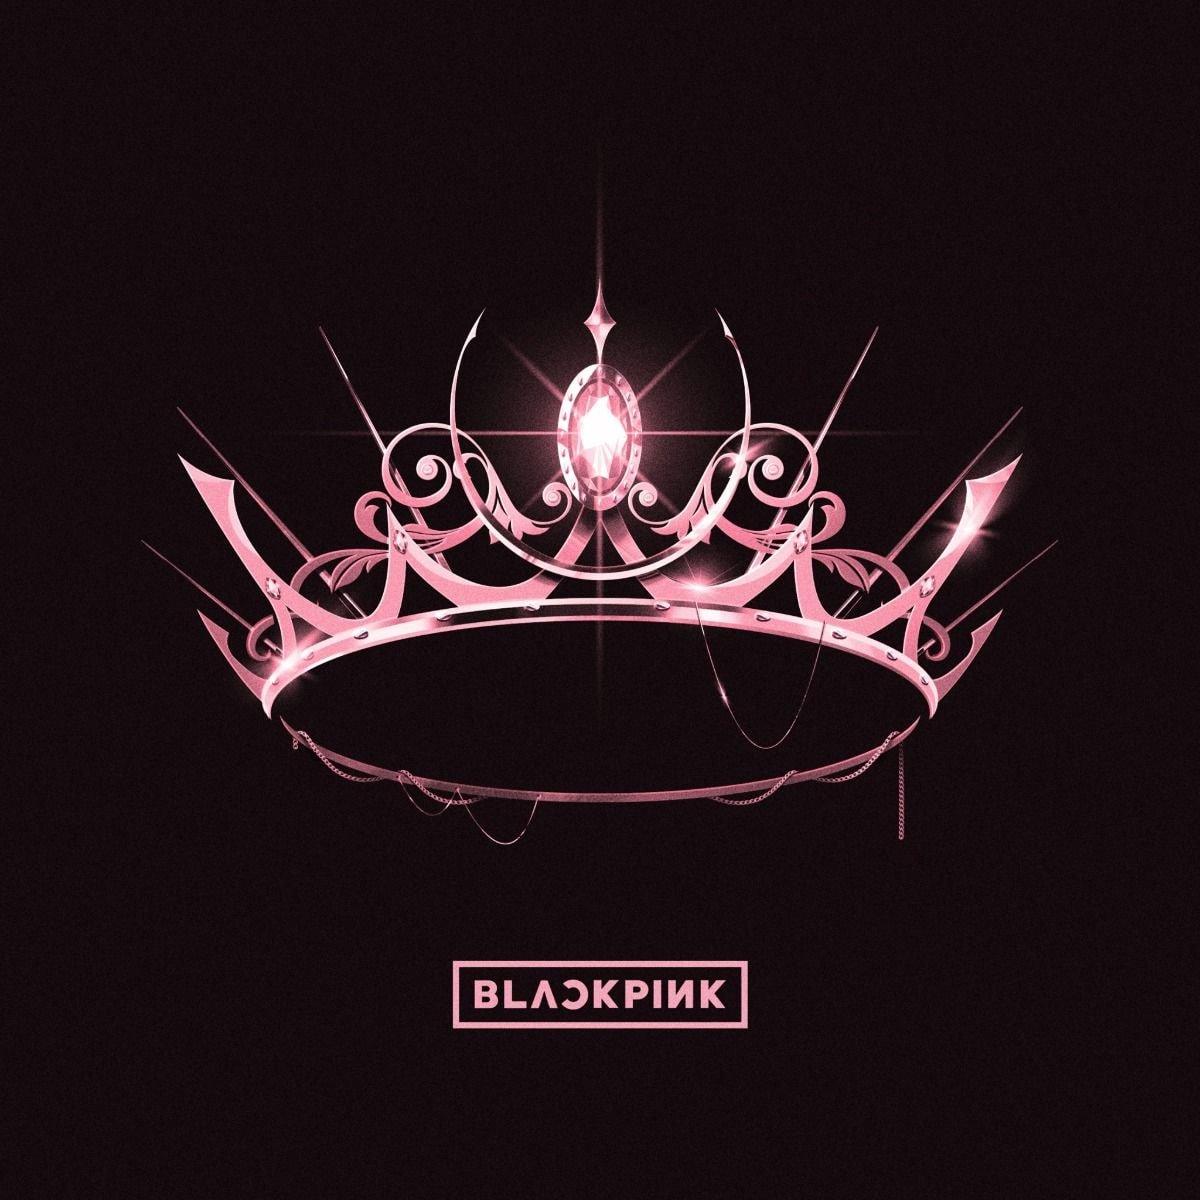 블랙핑크 1st Full Album [BLACKPINK THE ALBUM]